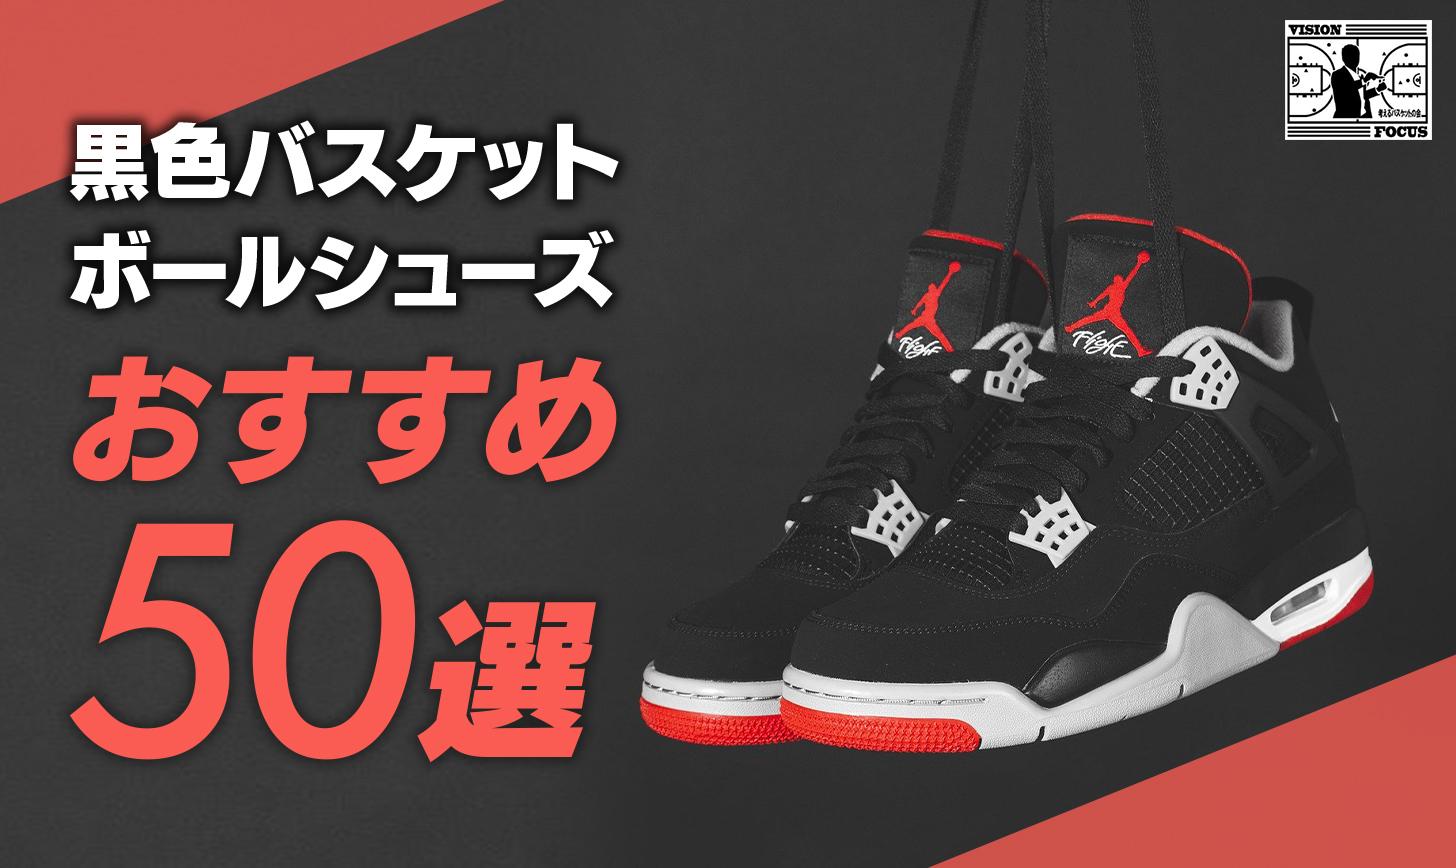 【完全版】黒色バスケットボールシューズおすすめ50選!メンズ・レディース・ジュニア・審判用まとめ!